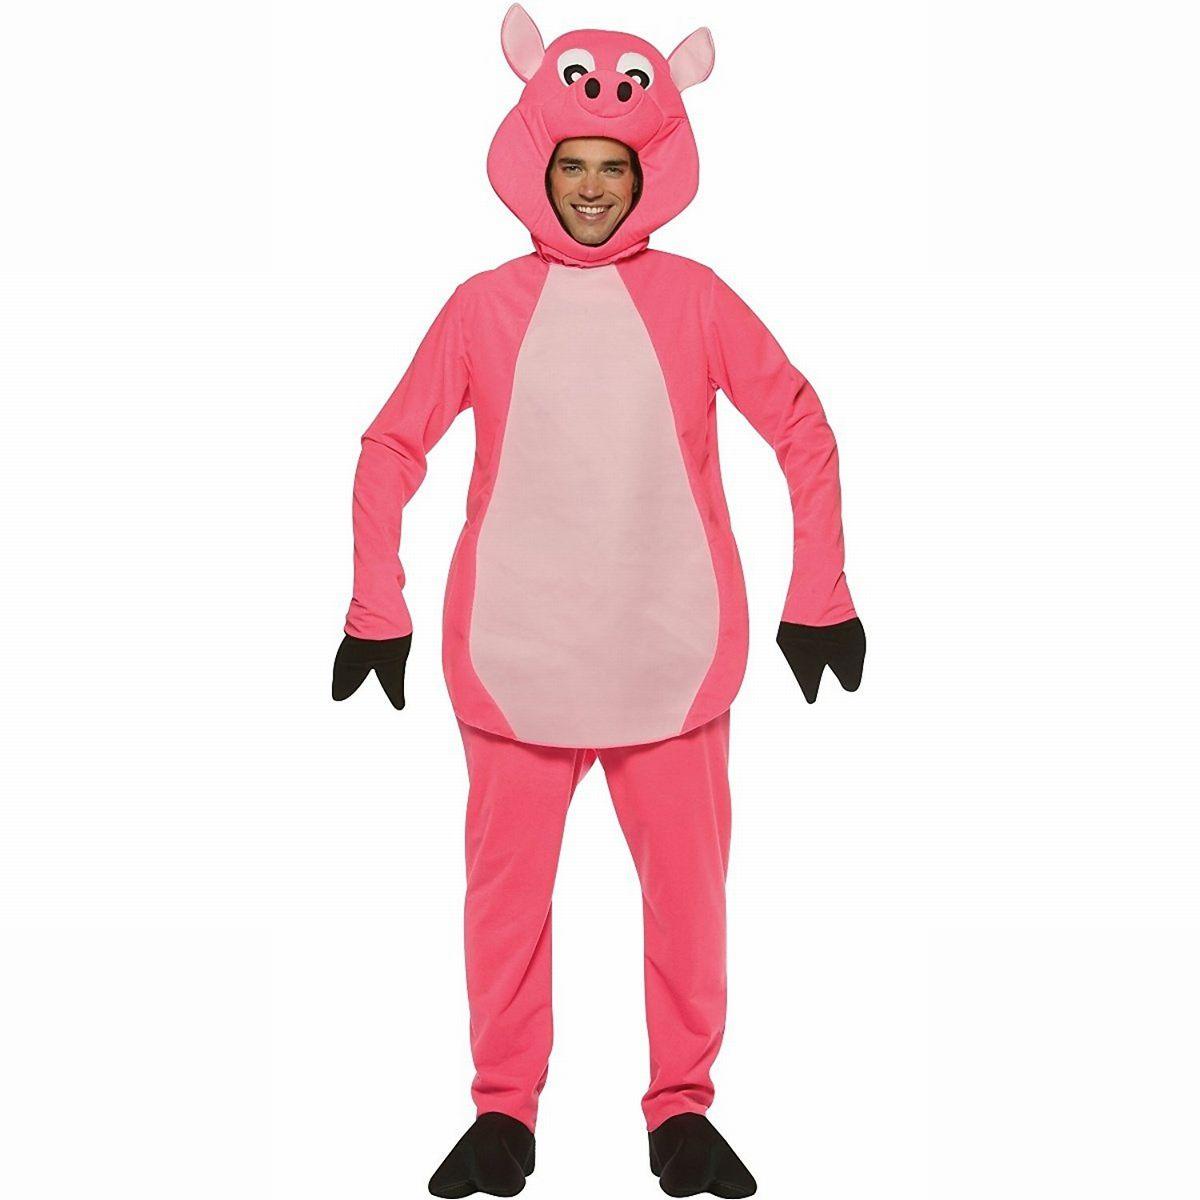 ブタ 着ぐるみ コスチューム 大人用 動物 コスプレ 仮装